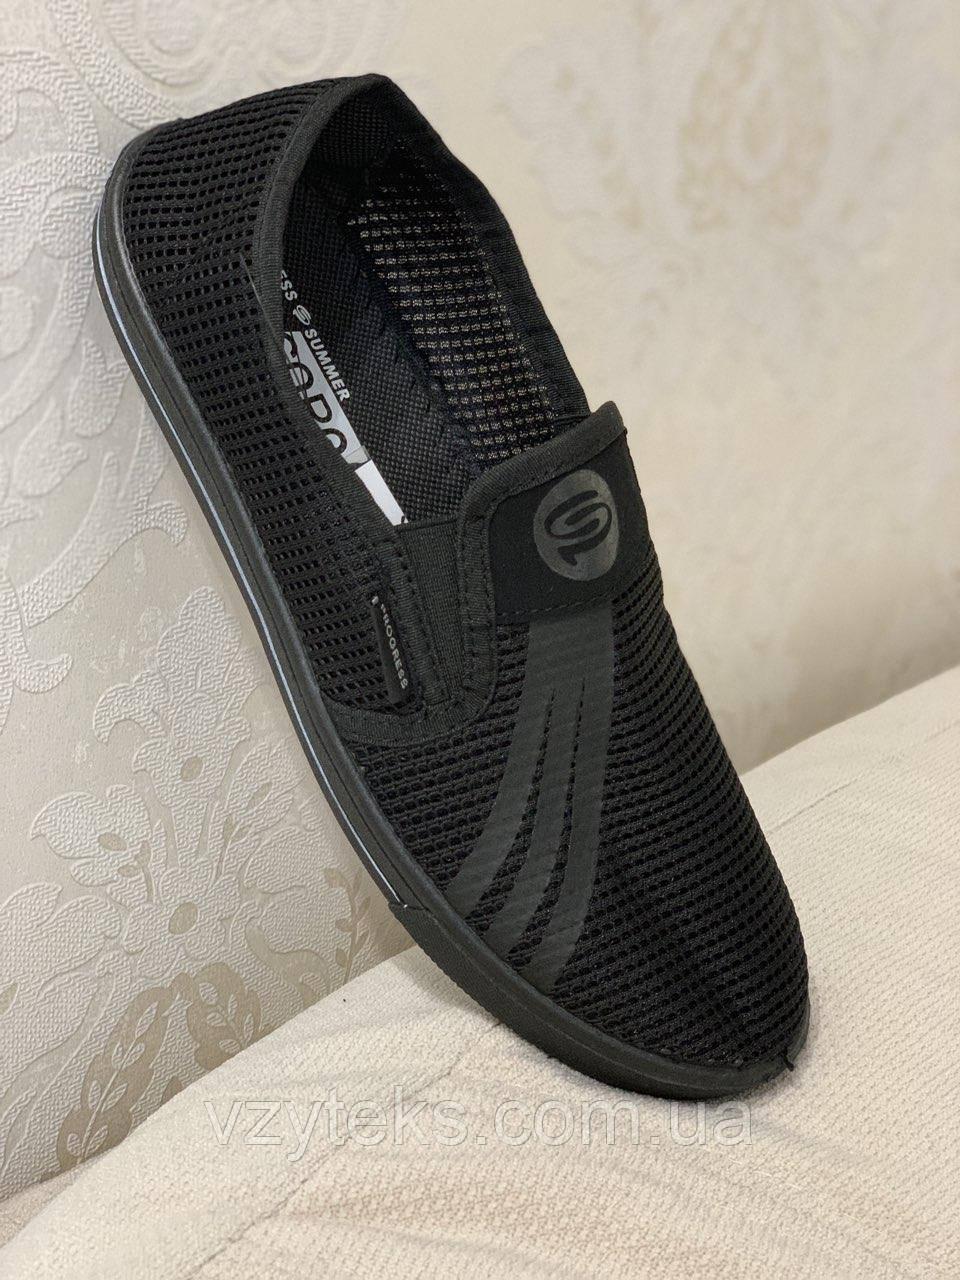 ceb48c6c0 Мокасины - сетка мужские Progress оптом - Центр обуви Взутекс в Хмельницком